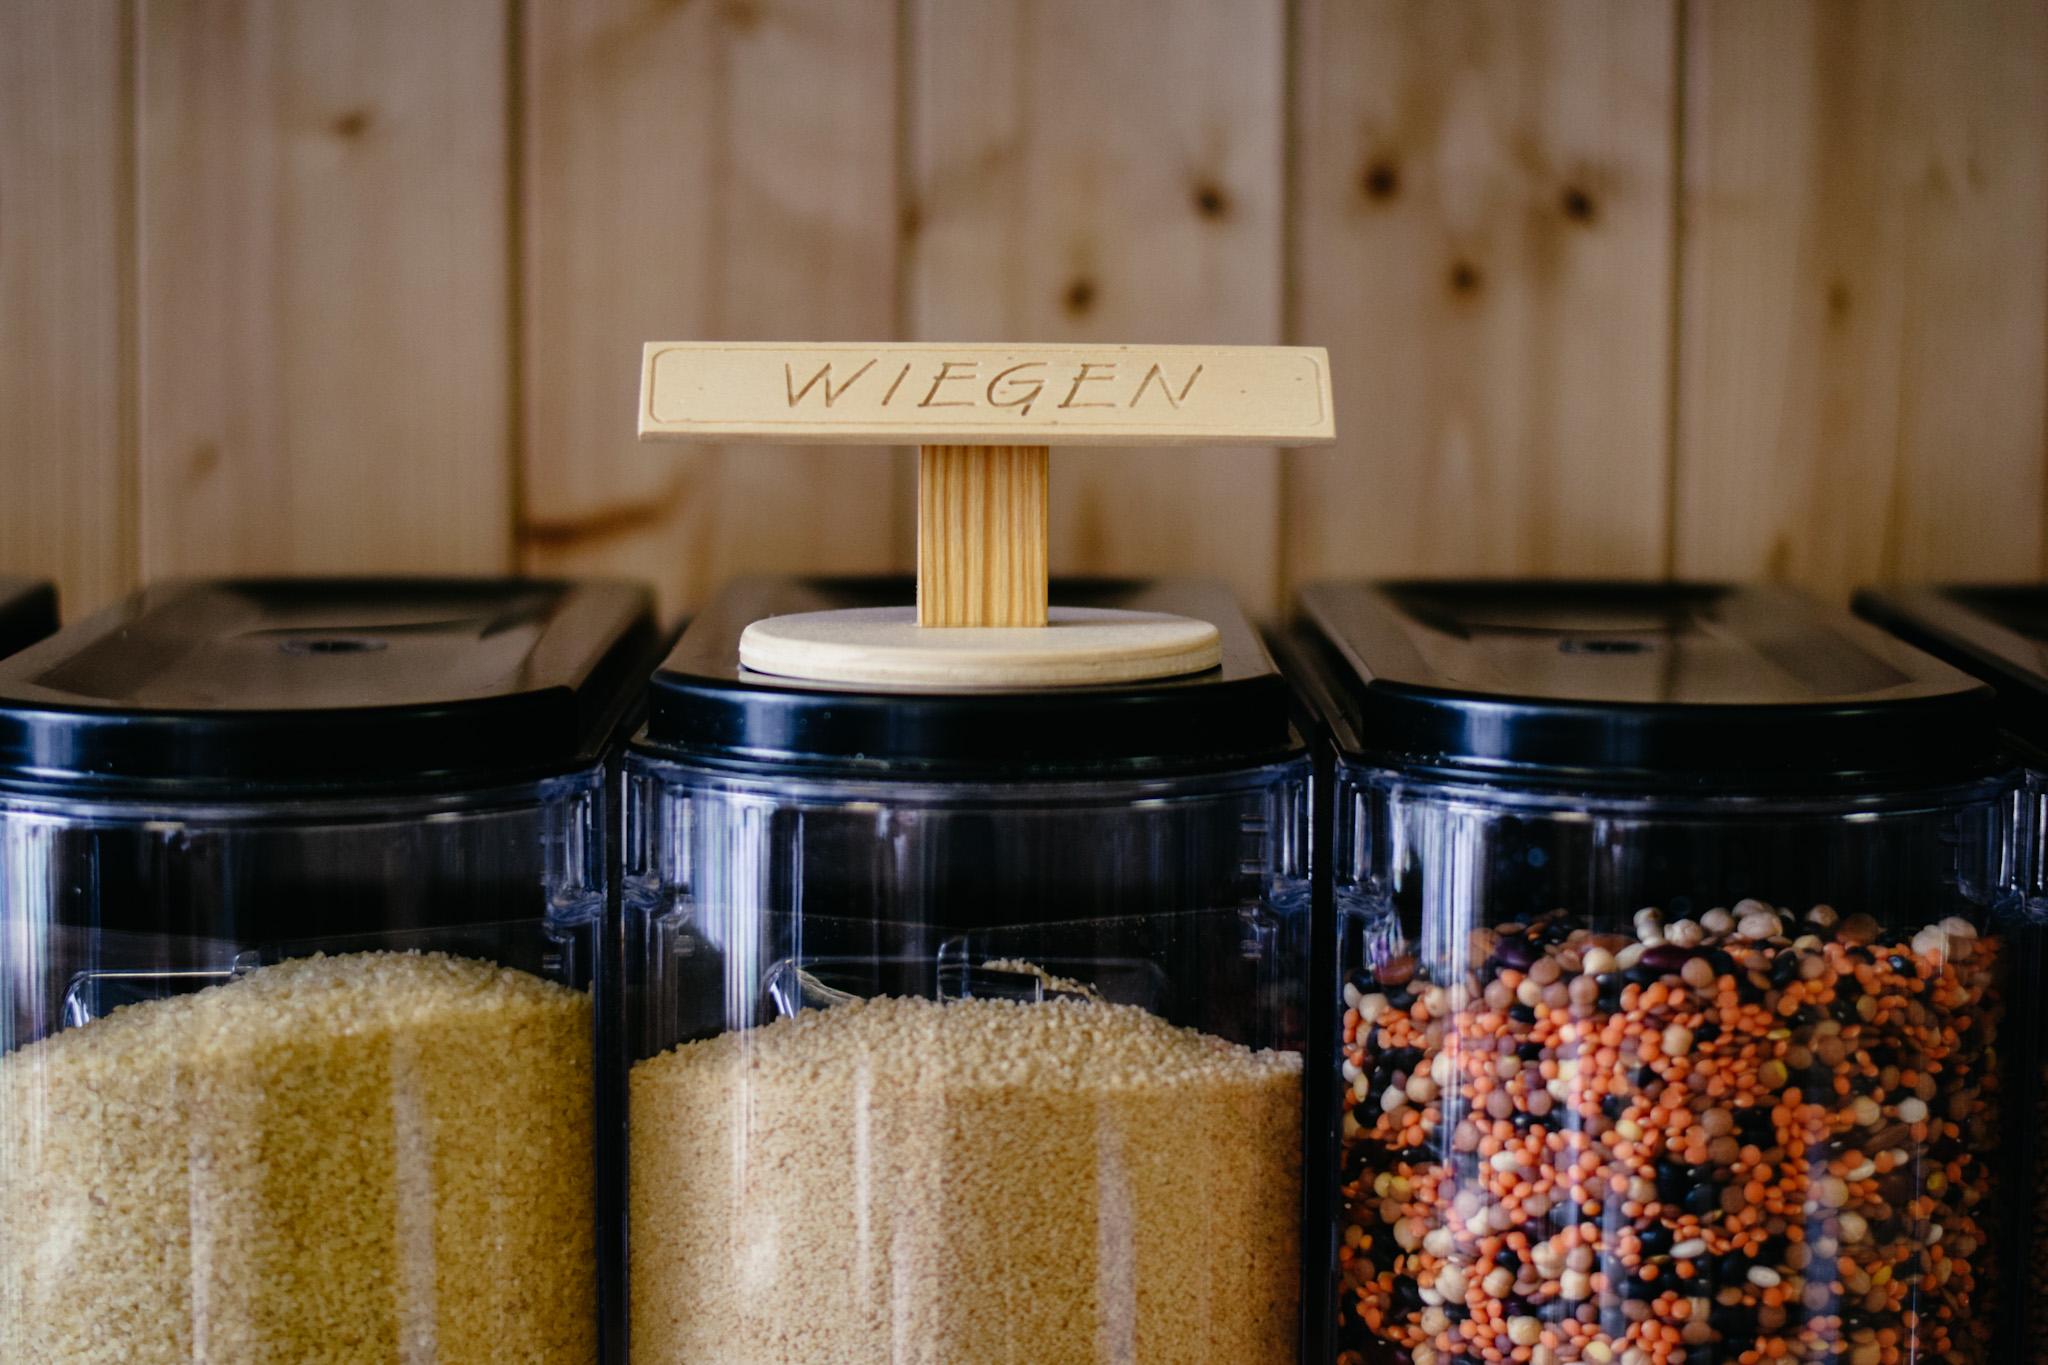 Wiege das Leergewicht deines Behältnisses auf unserer Kundenwaage. Schreibe das Gewicht mit einem Stift auf das Glas.